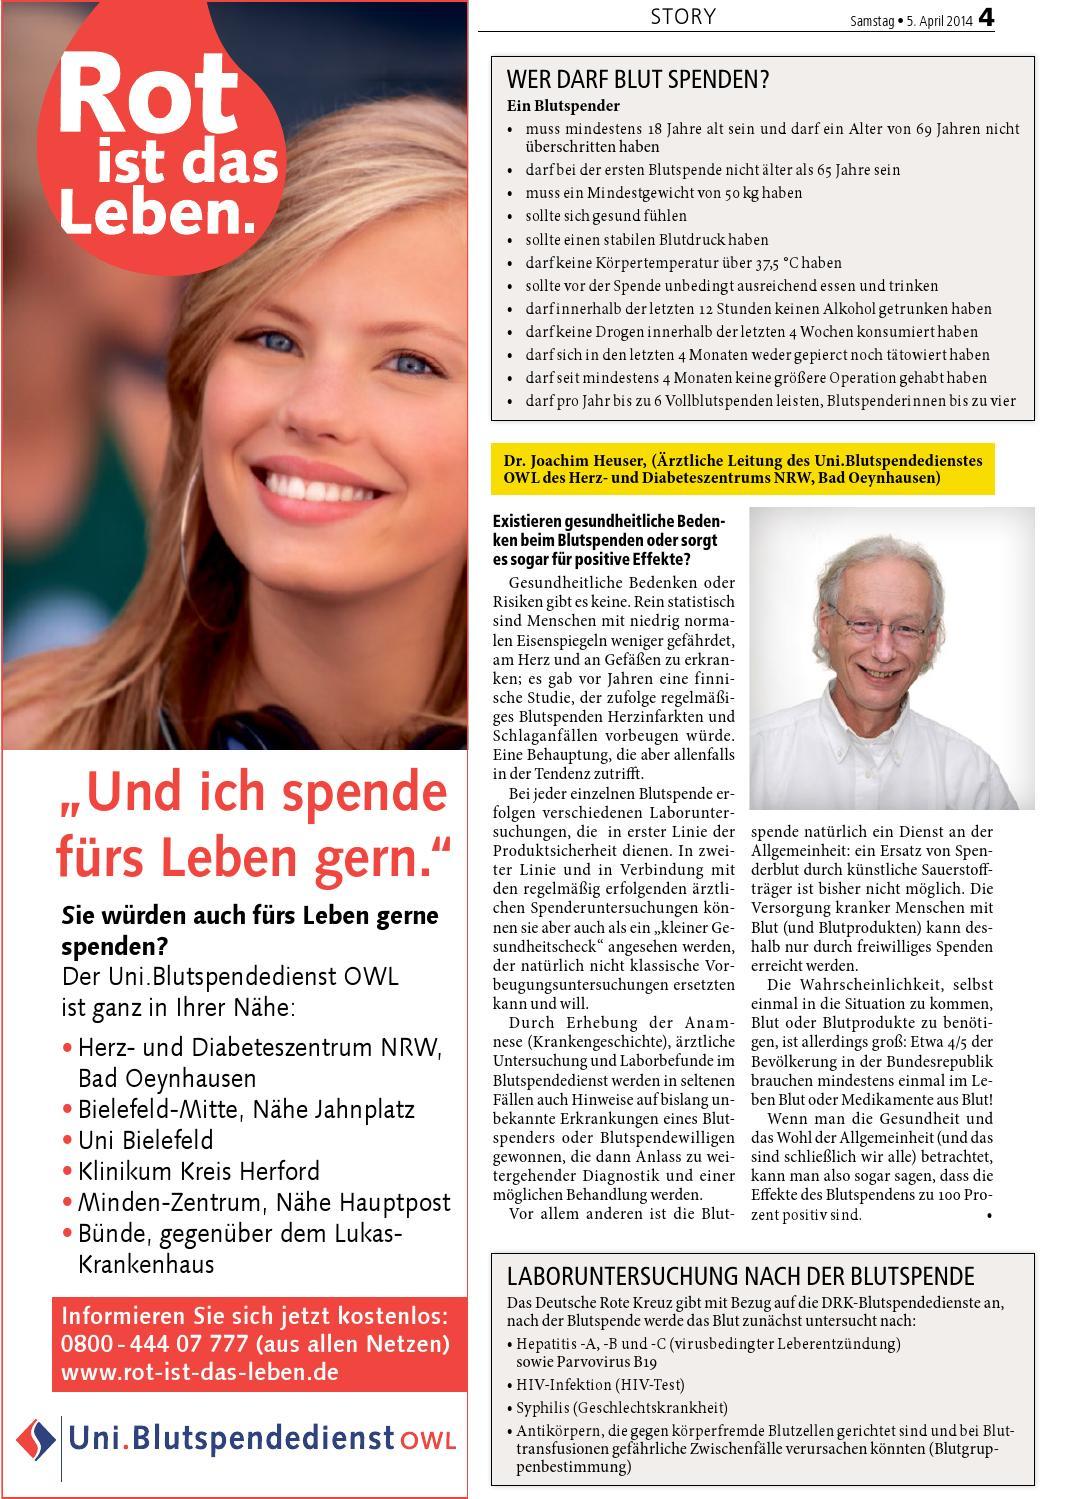 herz und diabeteszentrum bad oeynhausen blutspende drk